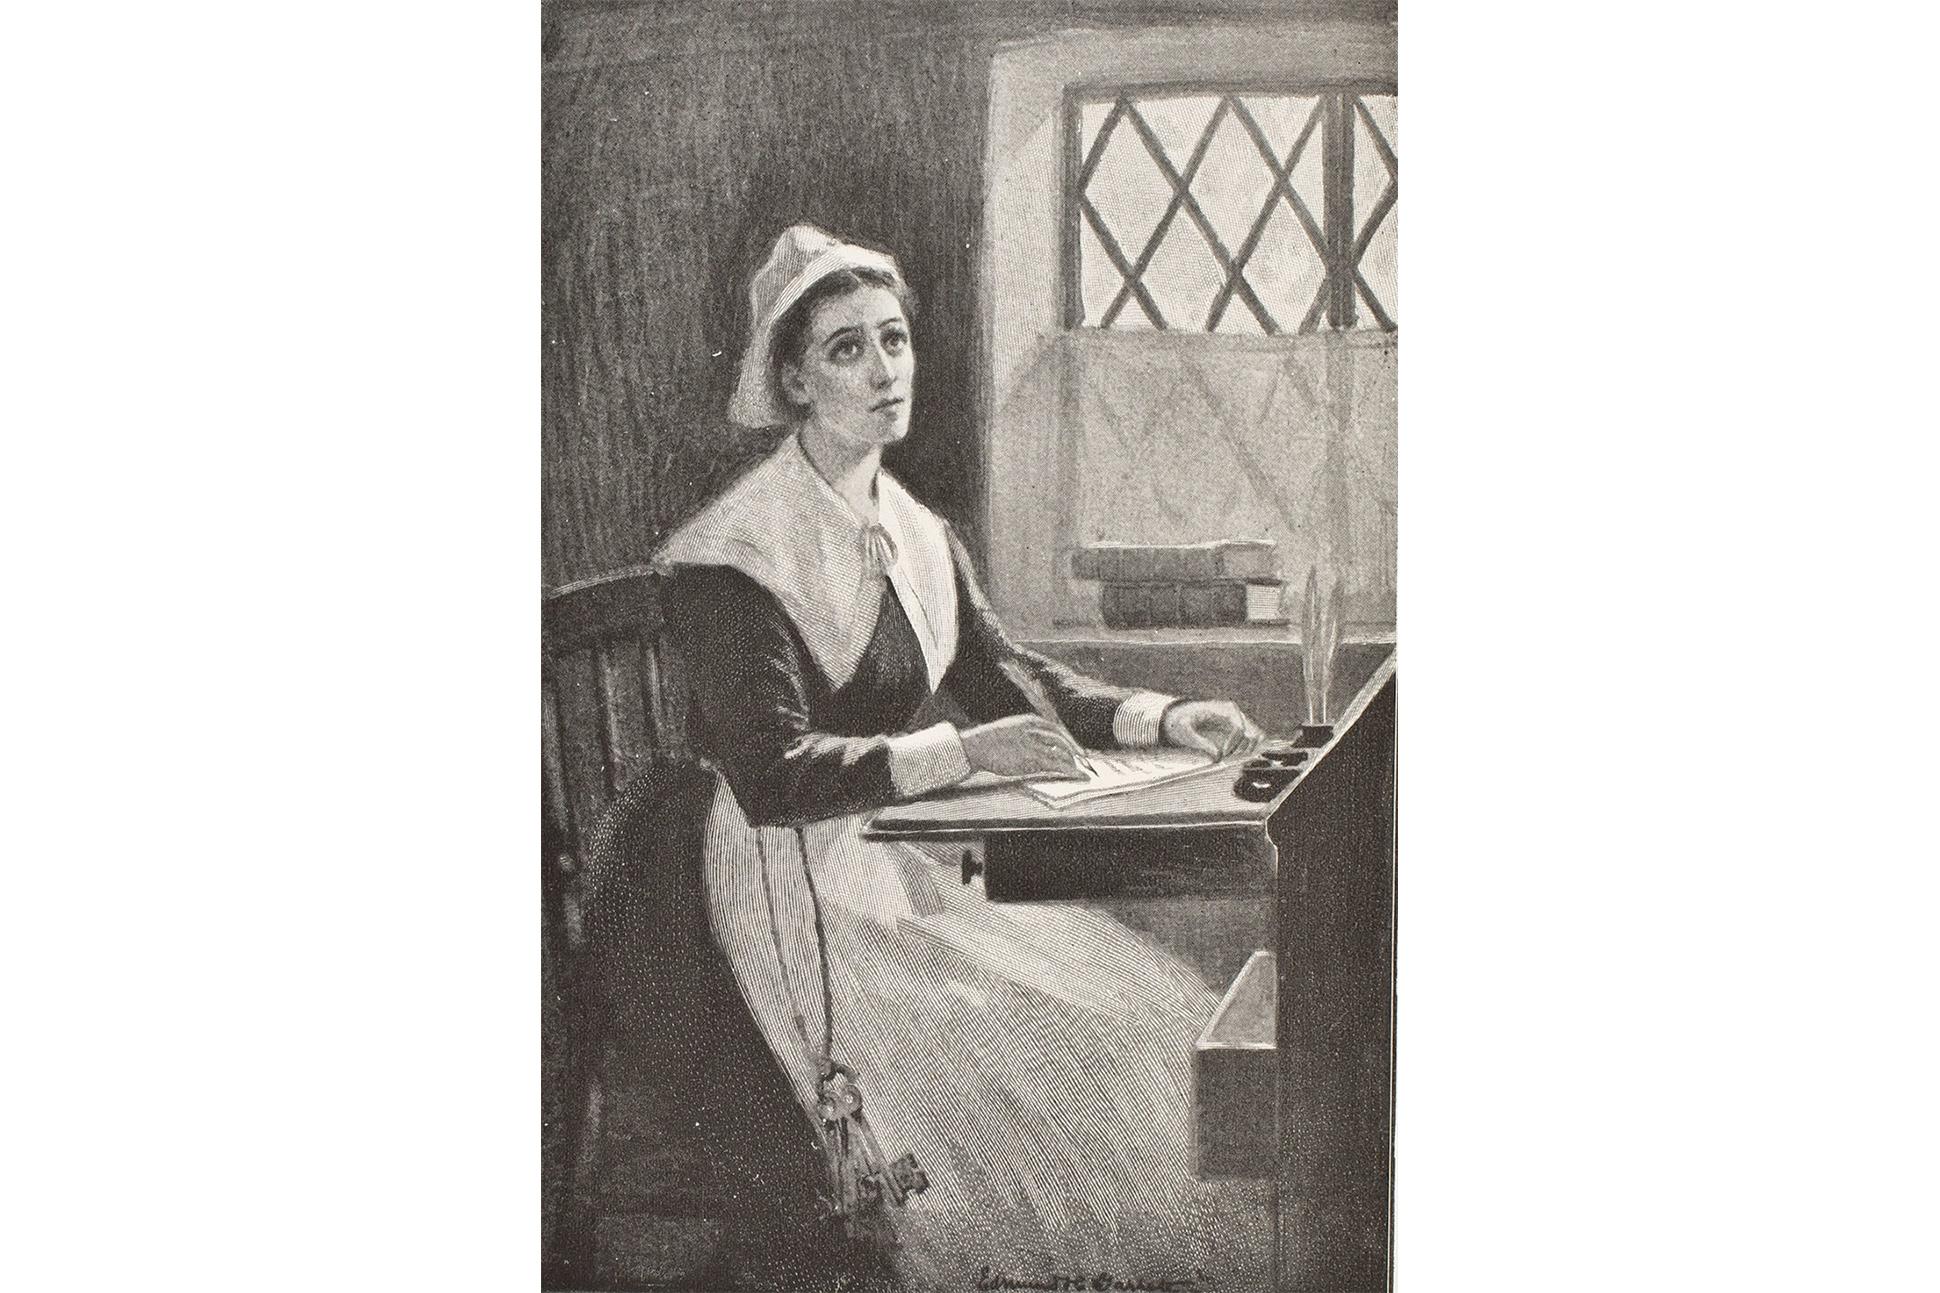 Anne Bradstreet